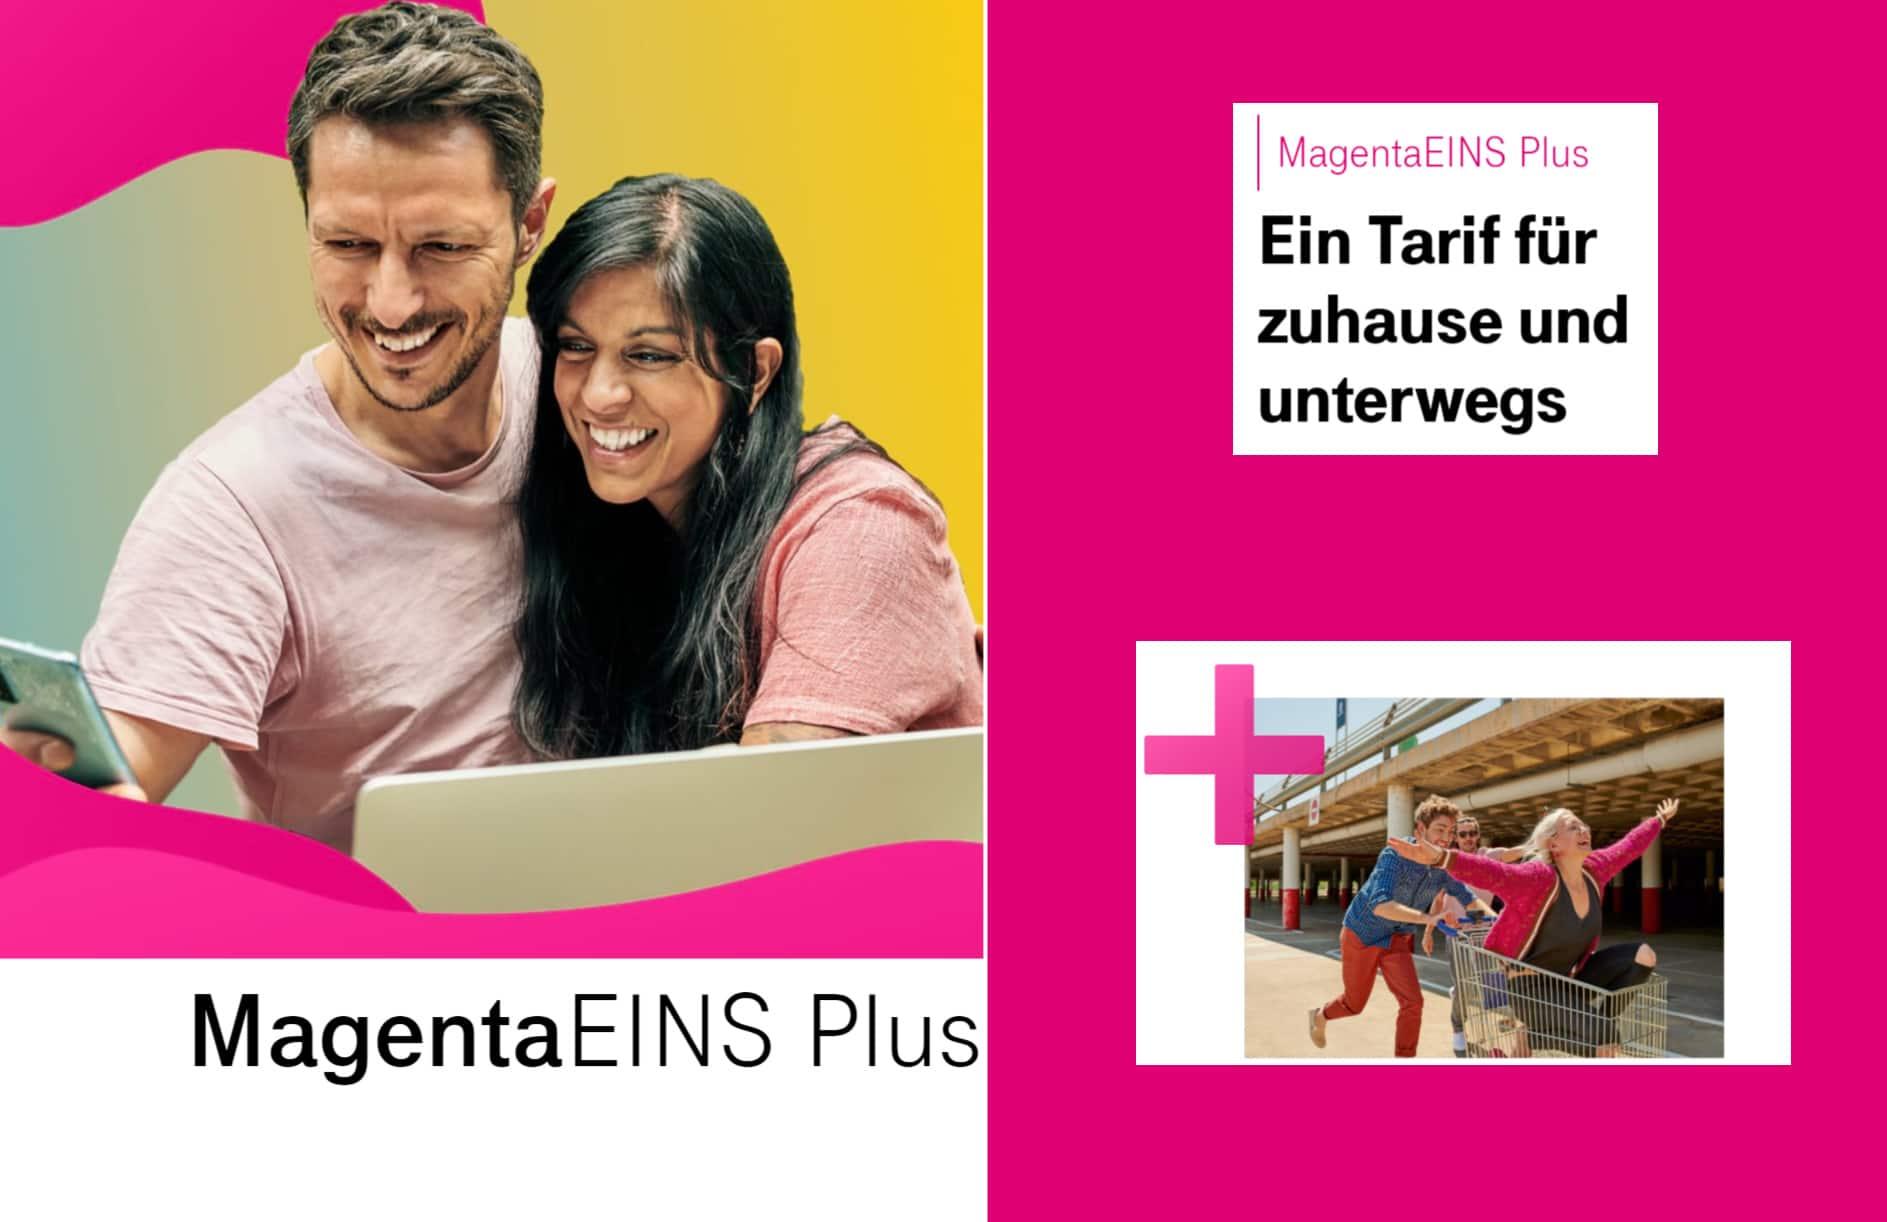 Telekom MagentaEINS Plus: erste Erfahrungen & hier buchen